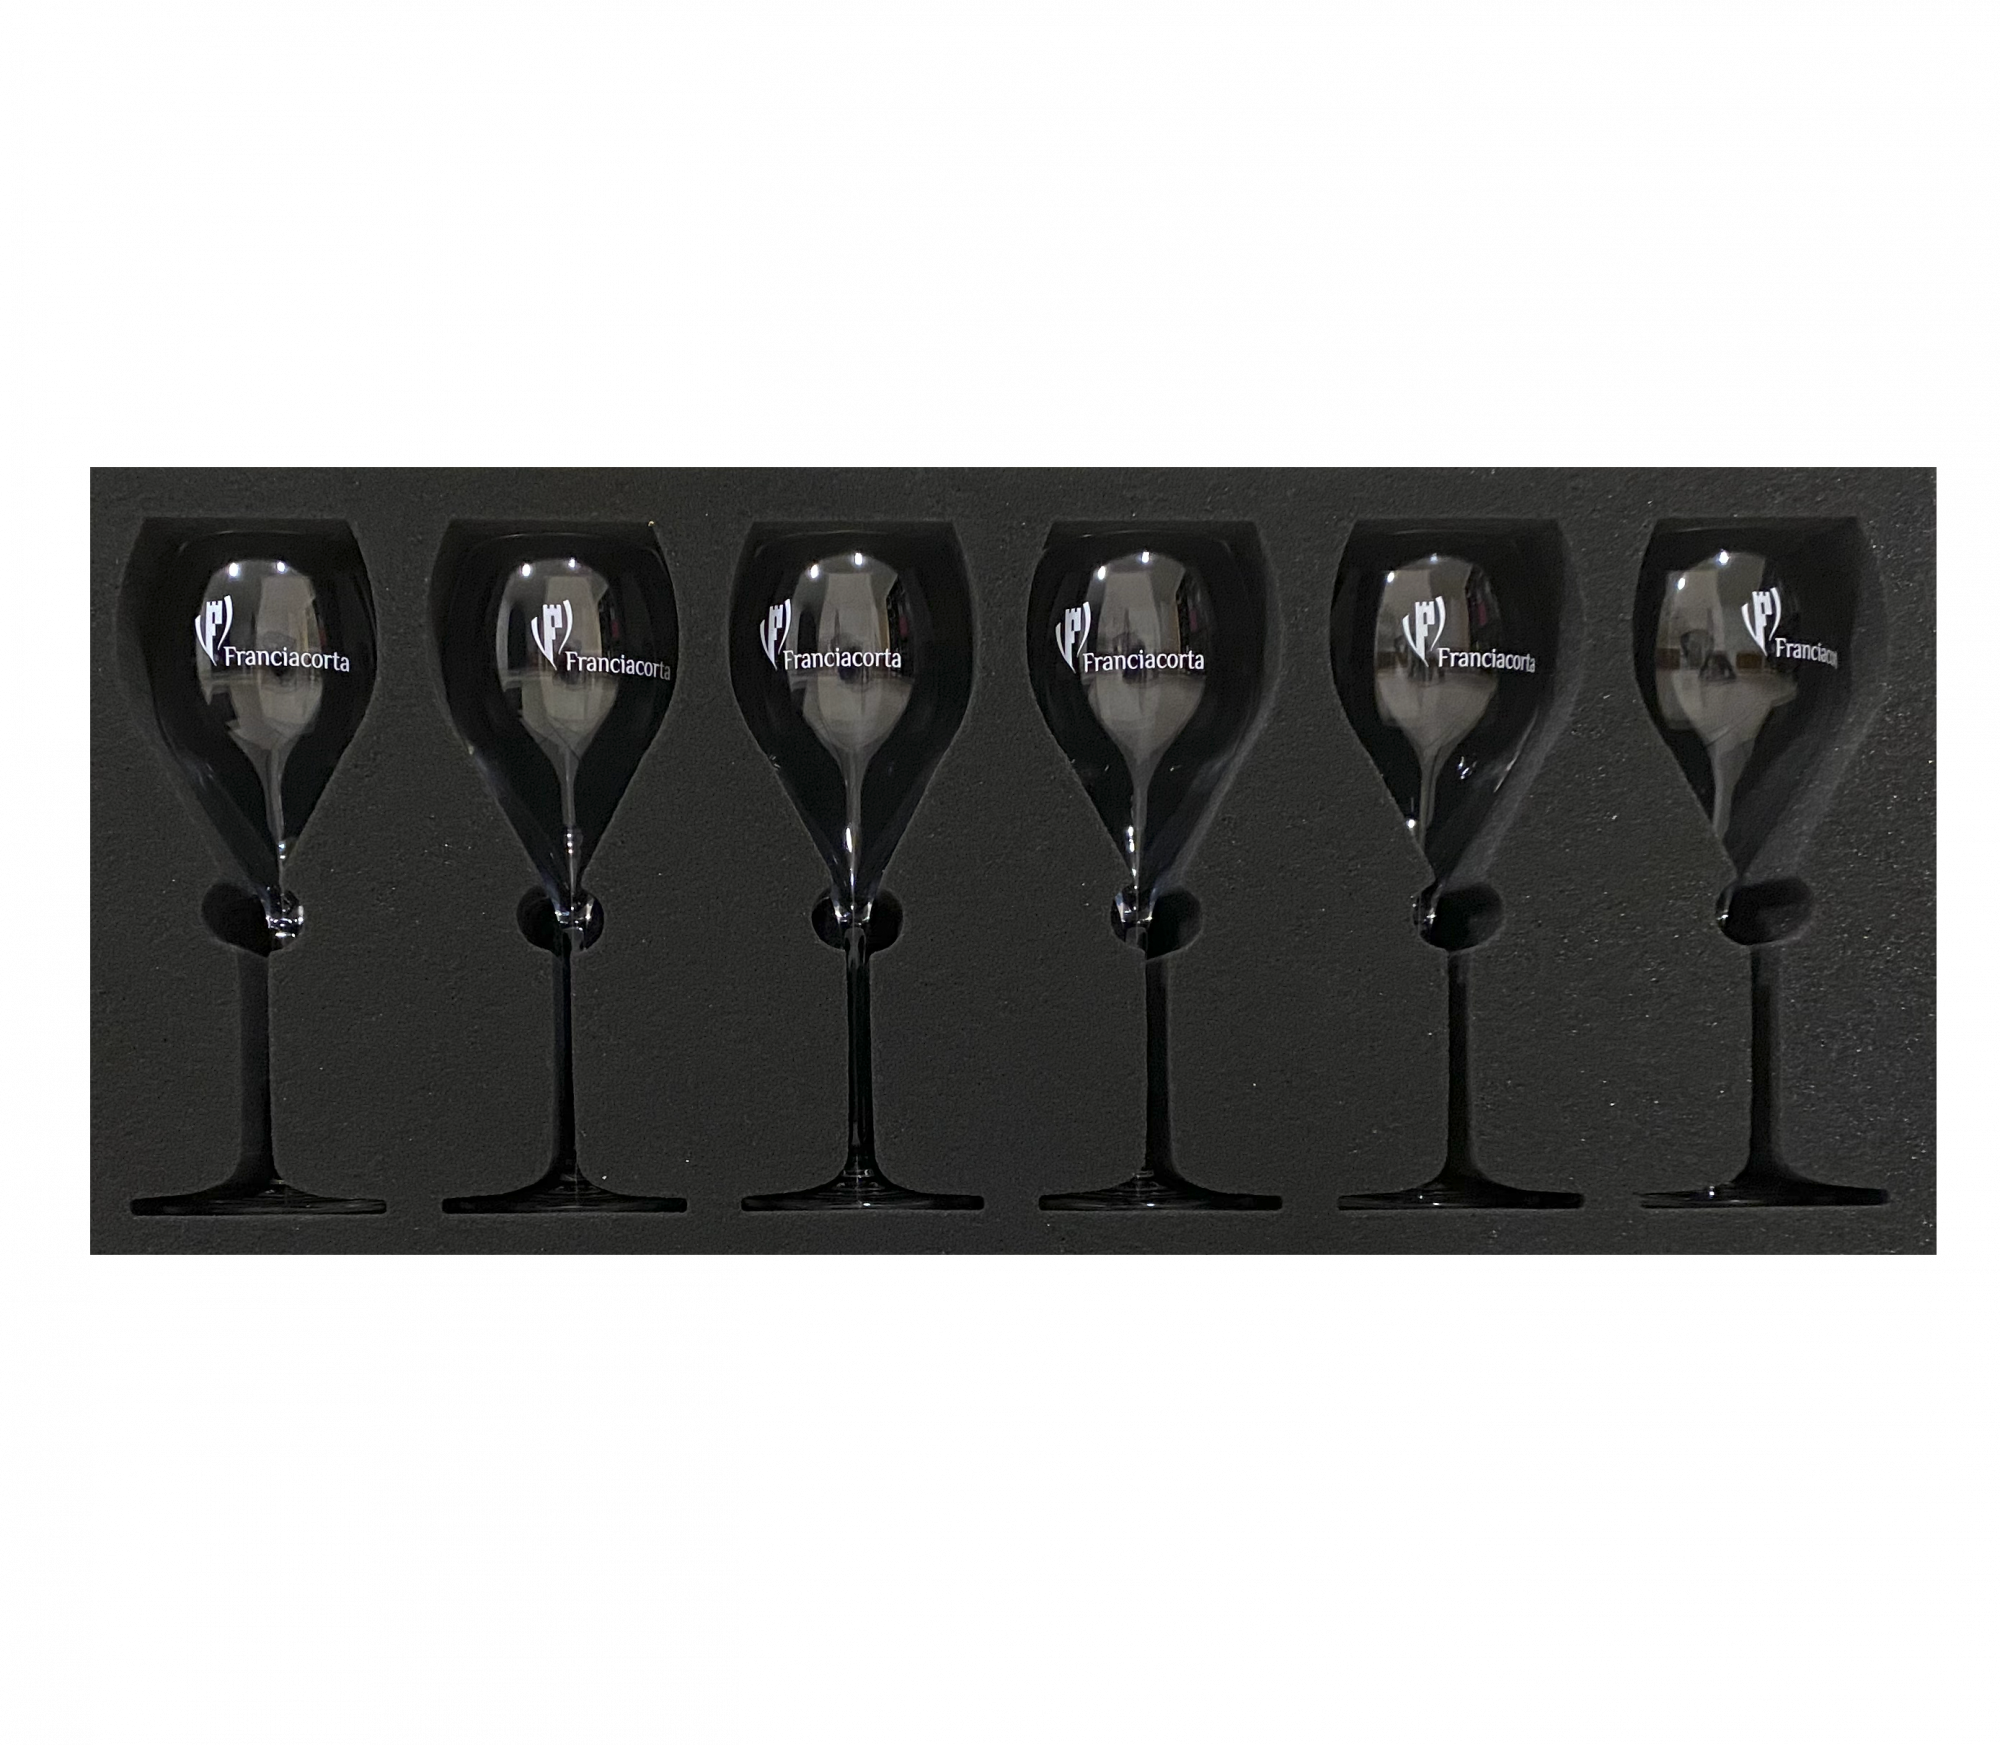 Bicchieri originali Franciacorta con logo ufficiale - imballo Winefranciacorta